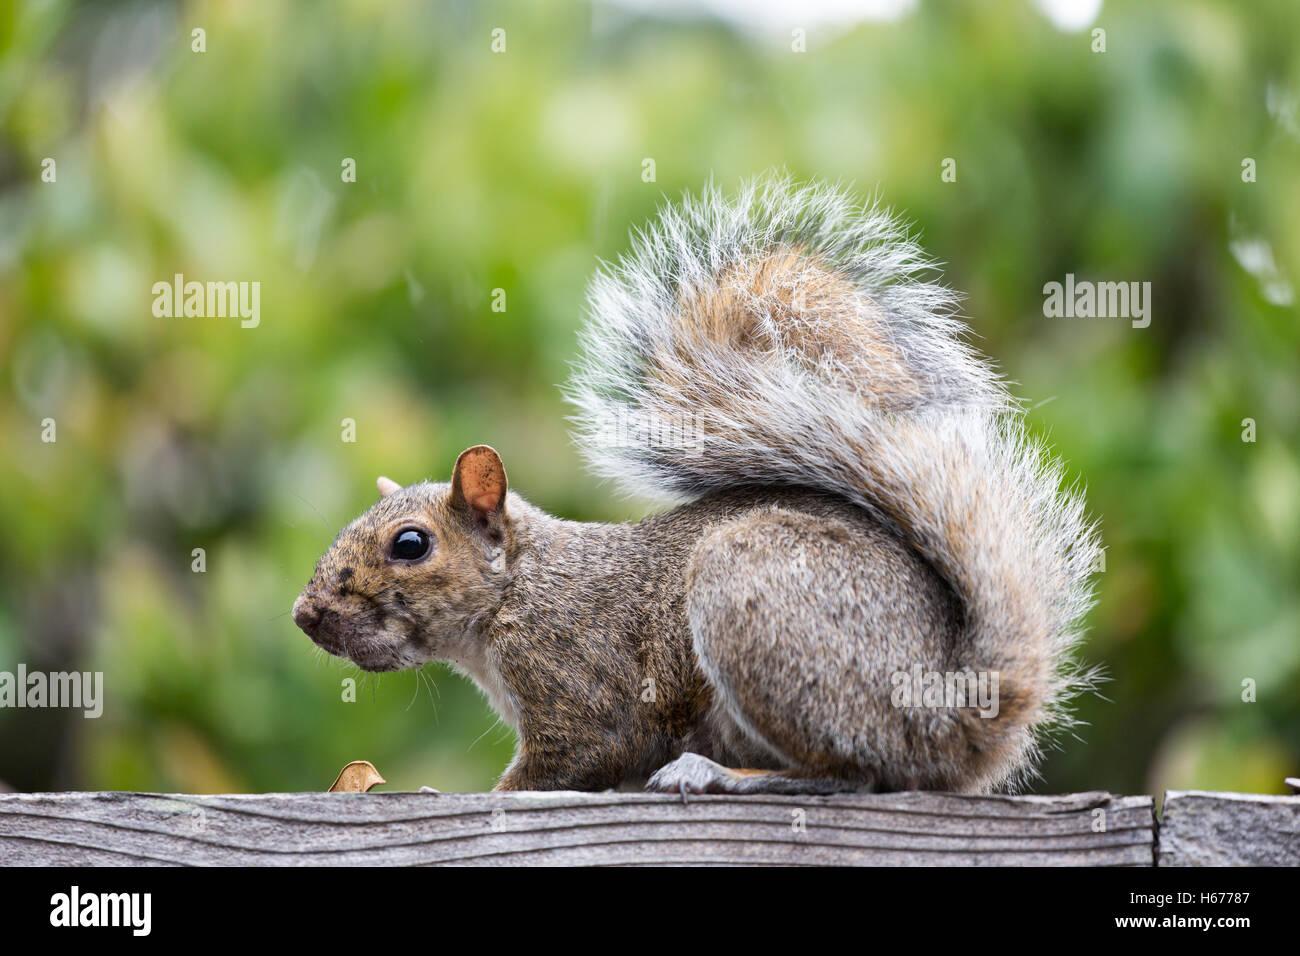 Eastern Gray Squirrel - sciurus carolinensis - Stock Image